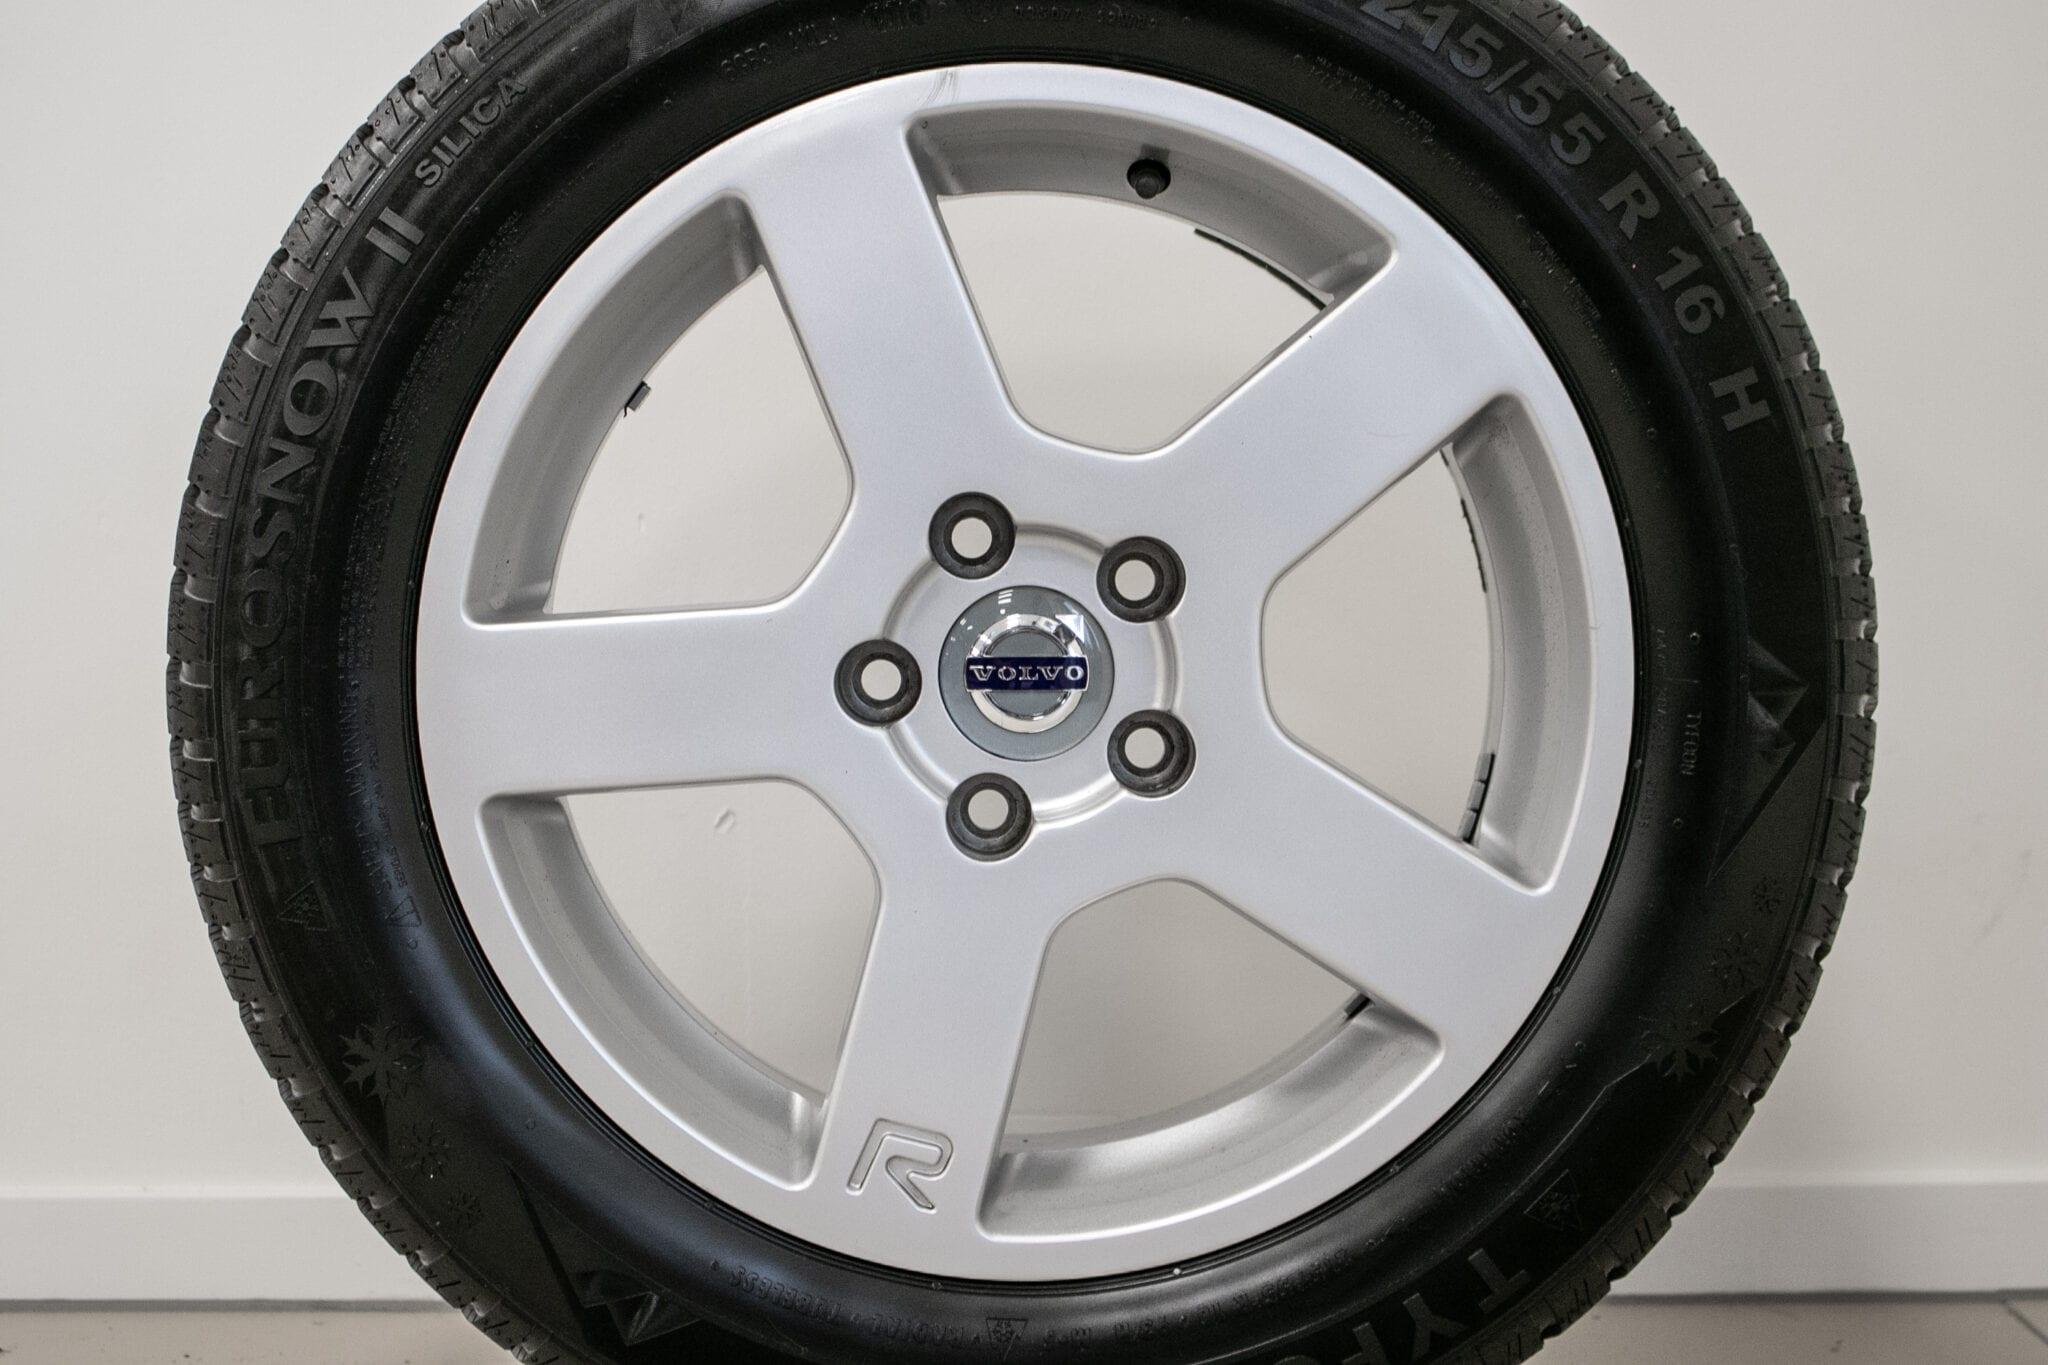 """16"""" Winterwielen voor de Volvo V70/S70/C70 €299,- Gebruikt. Profieldiepte: 7.5mm"""